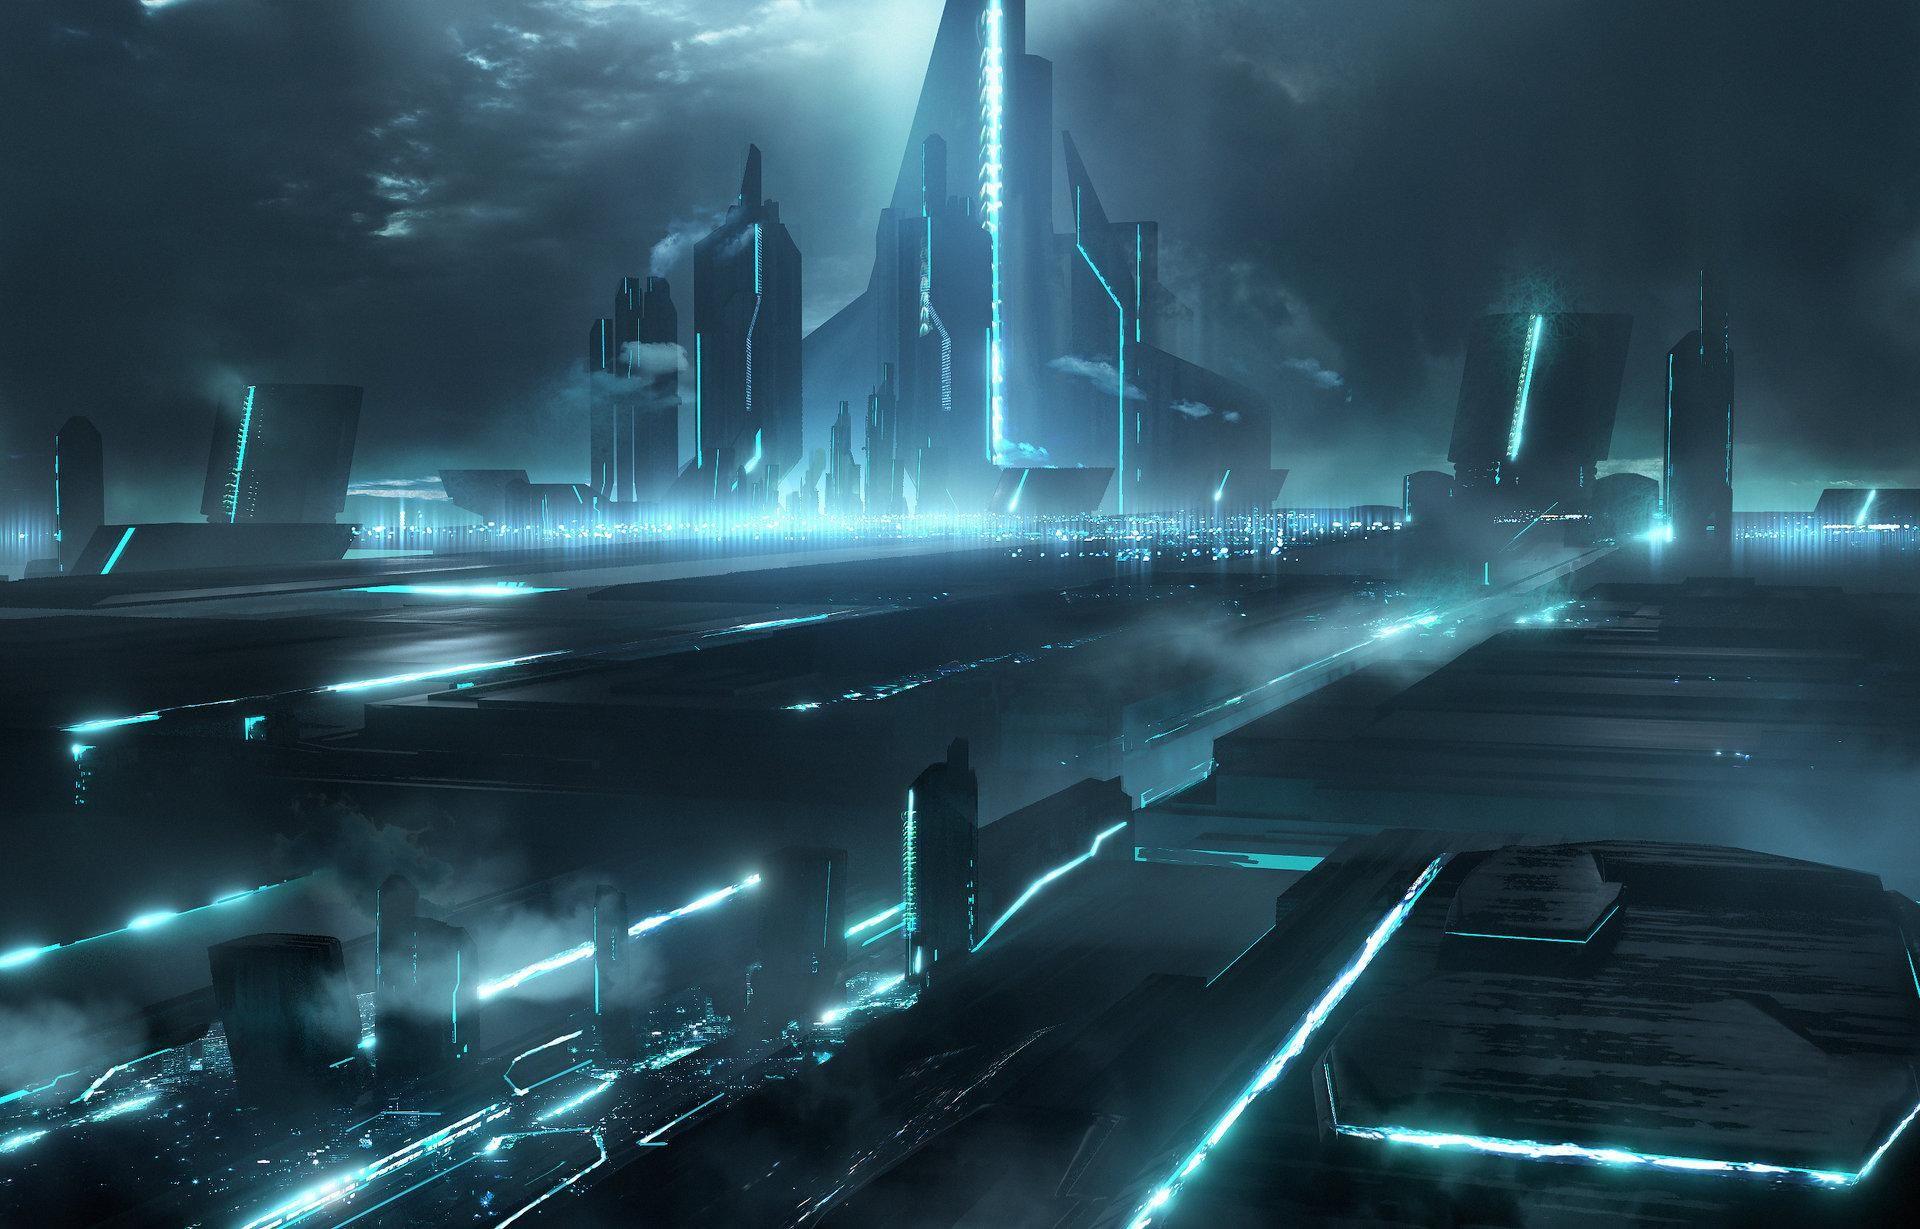 bildresultat för tron city | 80s future laser style | pinterest